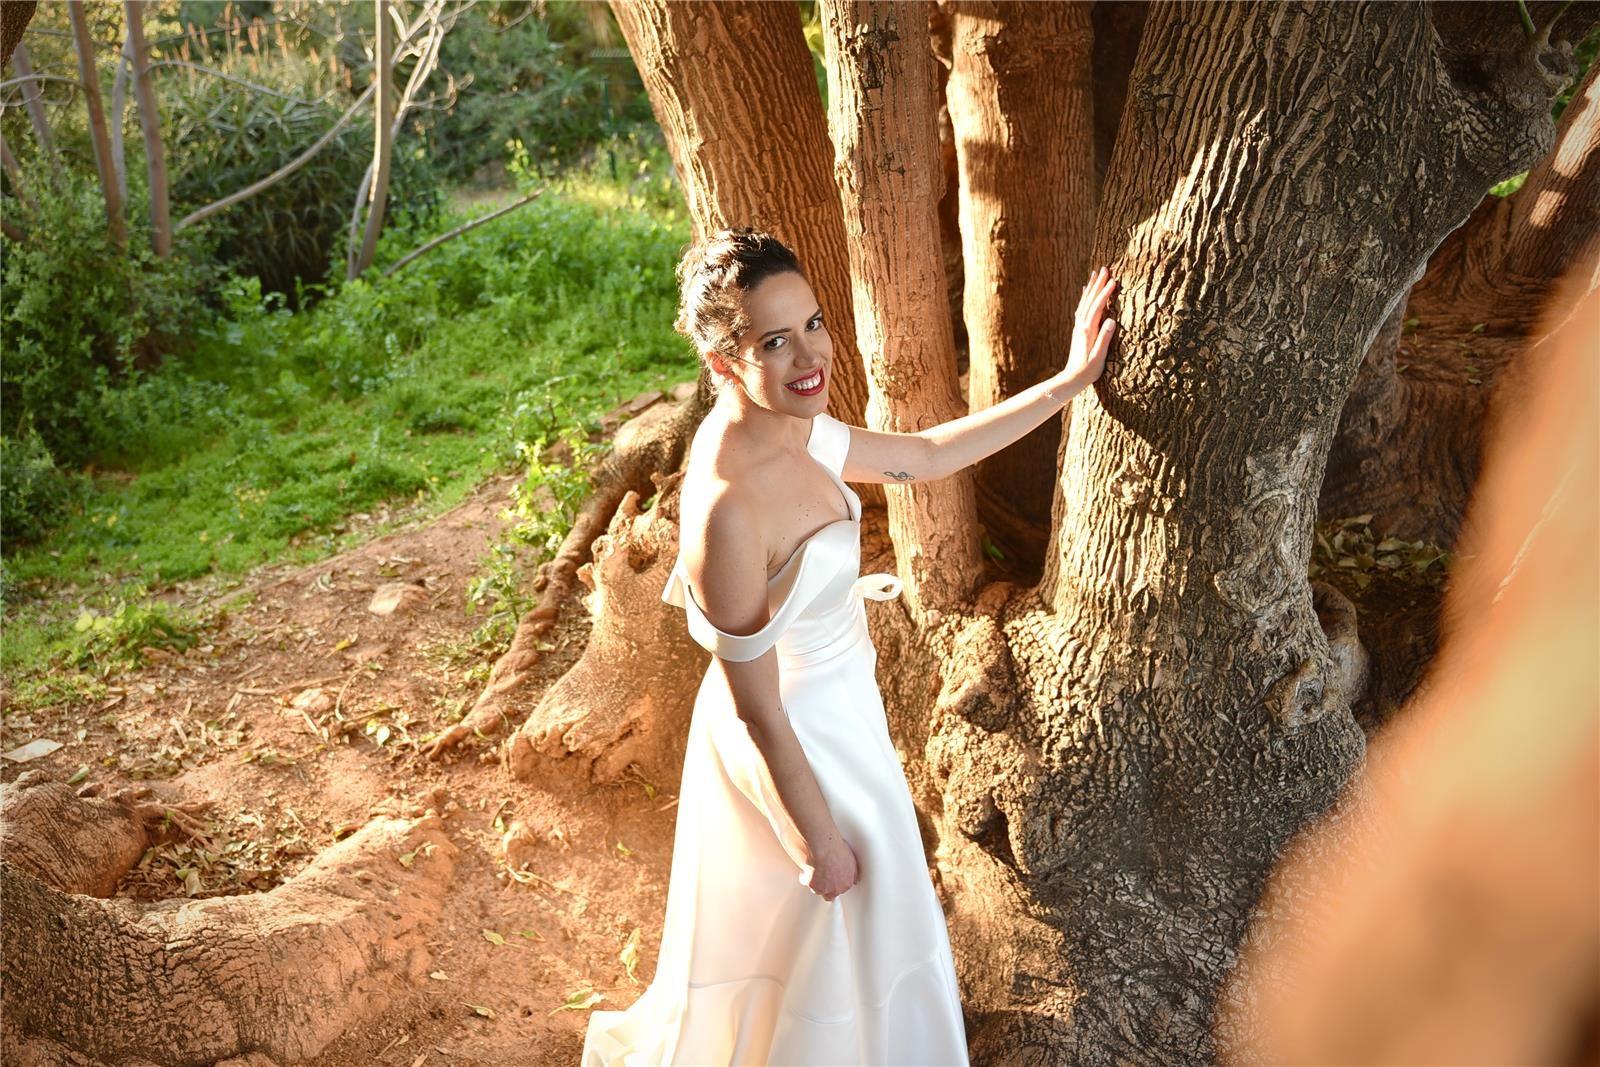 חתונה בצל החורש (צילום: תומר רוטנברג)